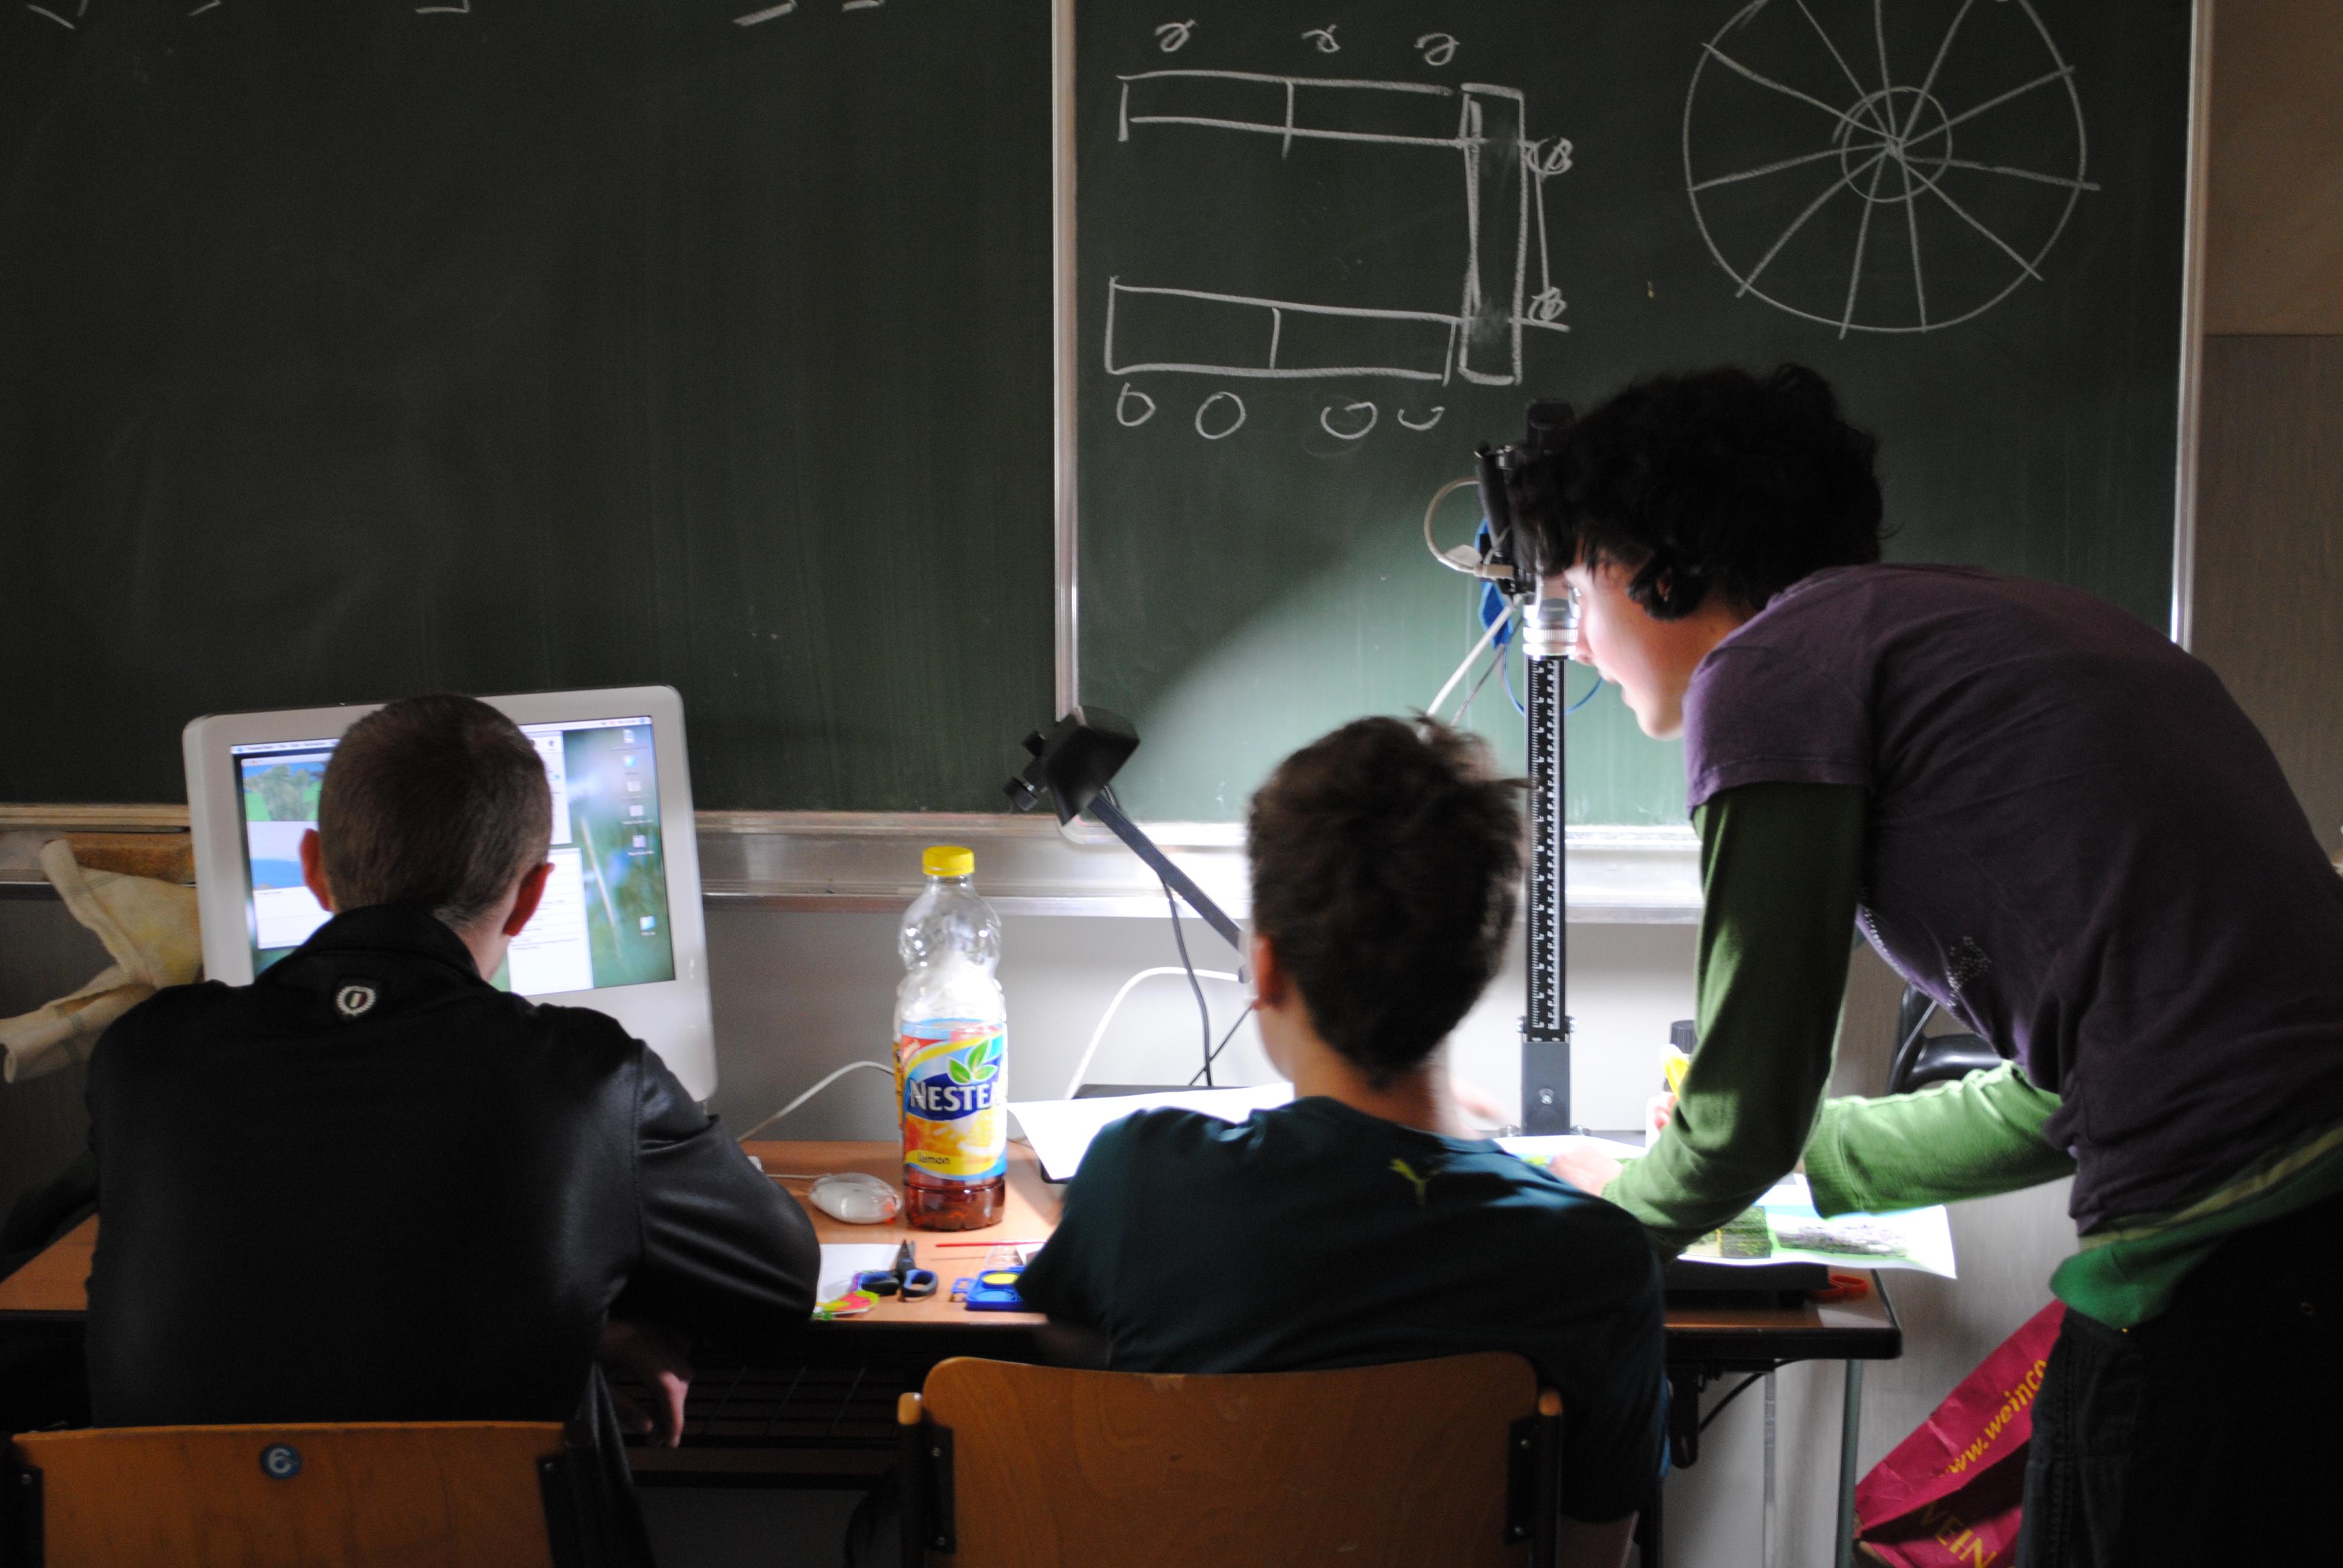 Polytechnische schule wien 10 dsc 0301 for Design schule wien